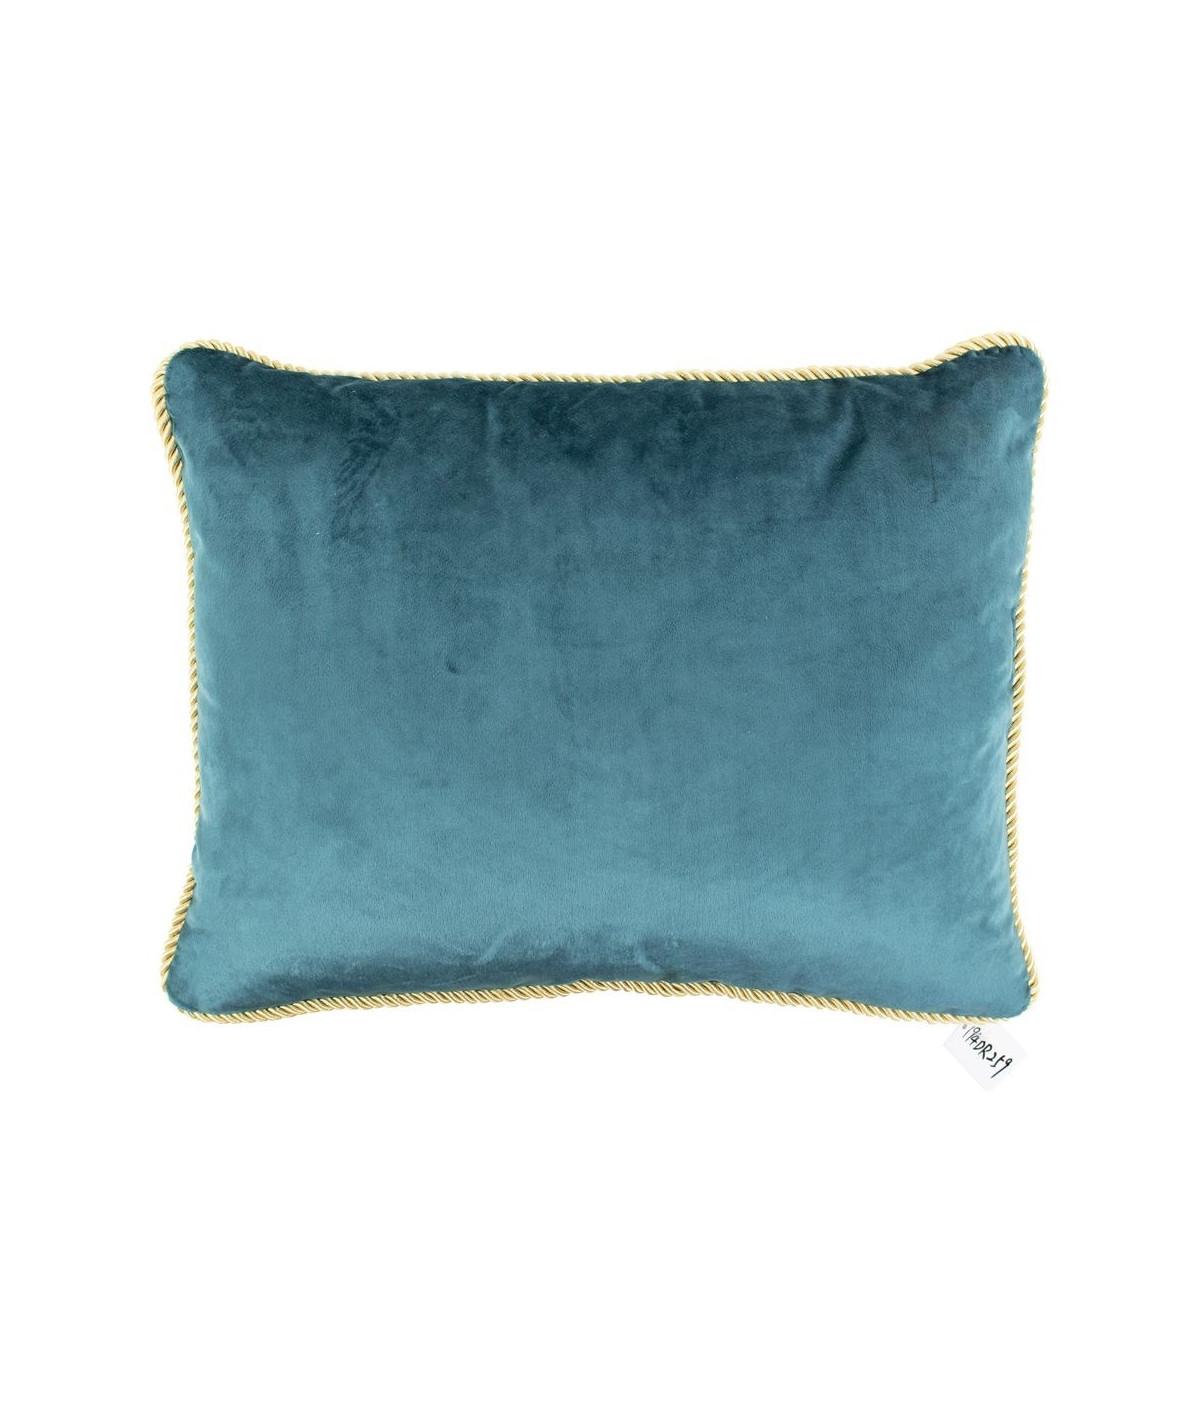 Coussin en velours bleu 35x45cm galon doré - Collection Velvet   Yesdeko